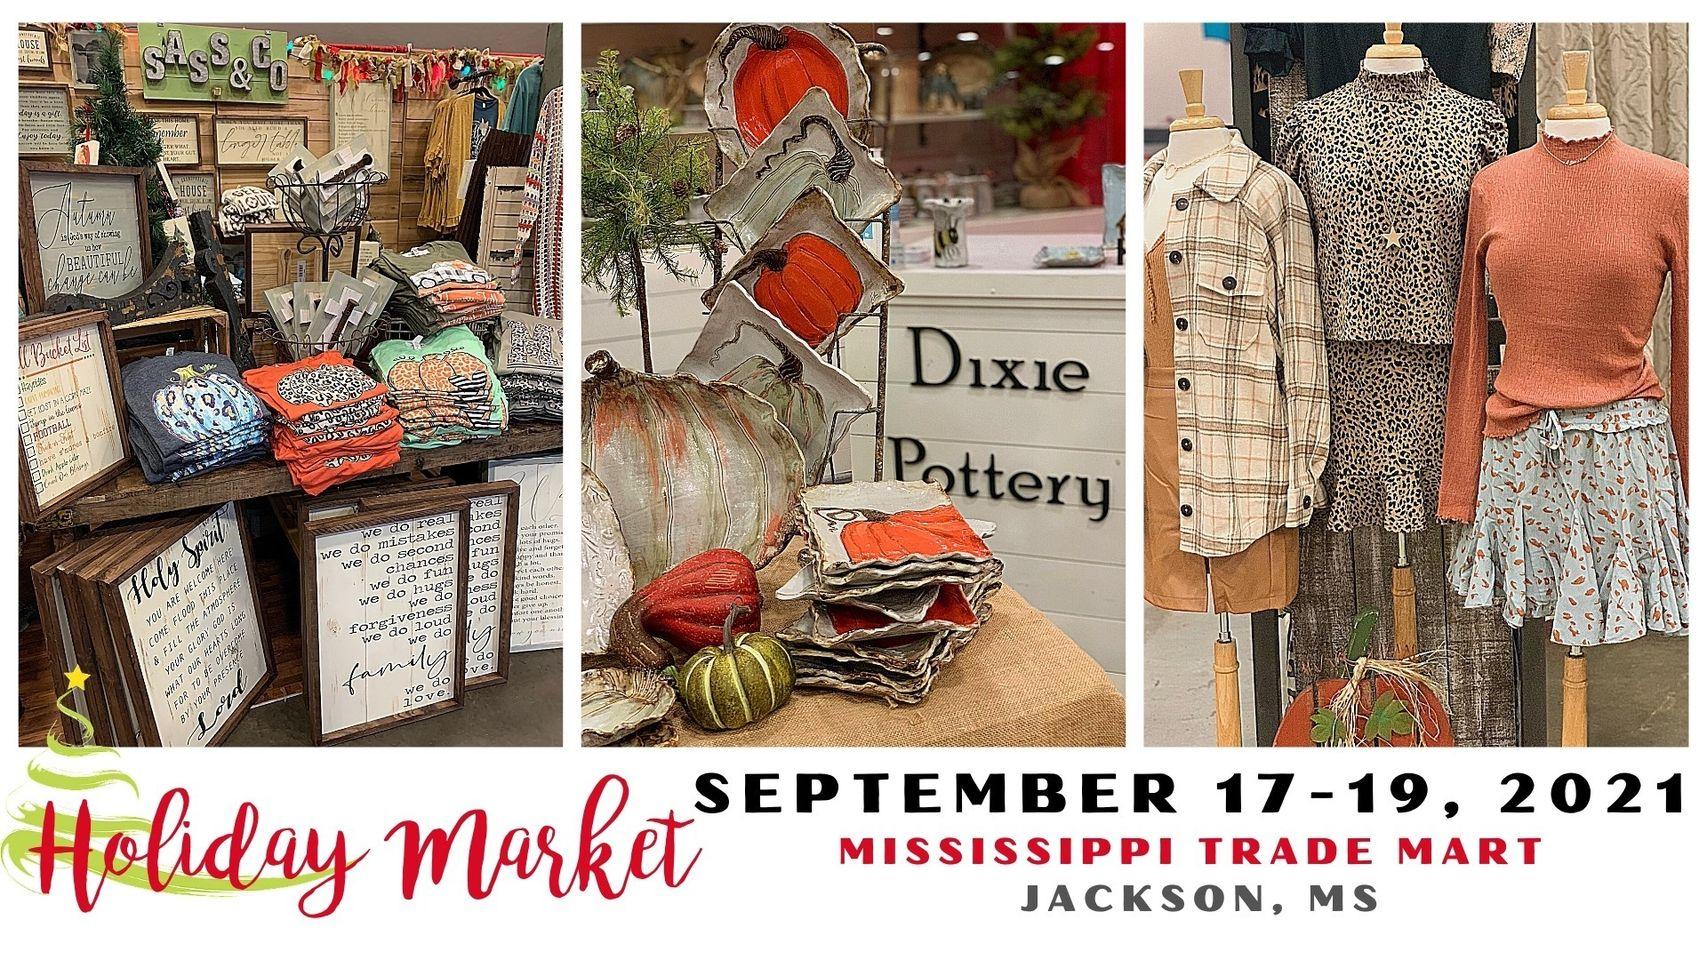 Holiday Market of Jackson